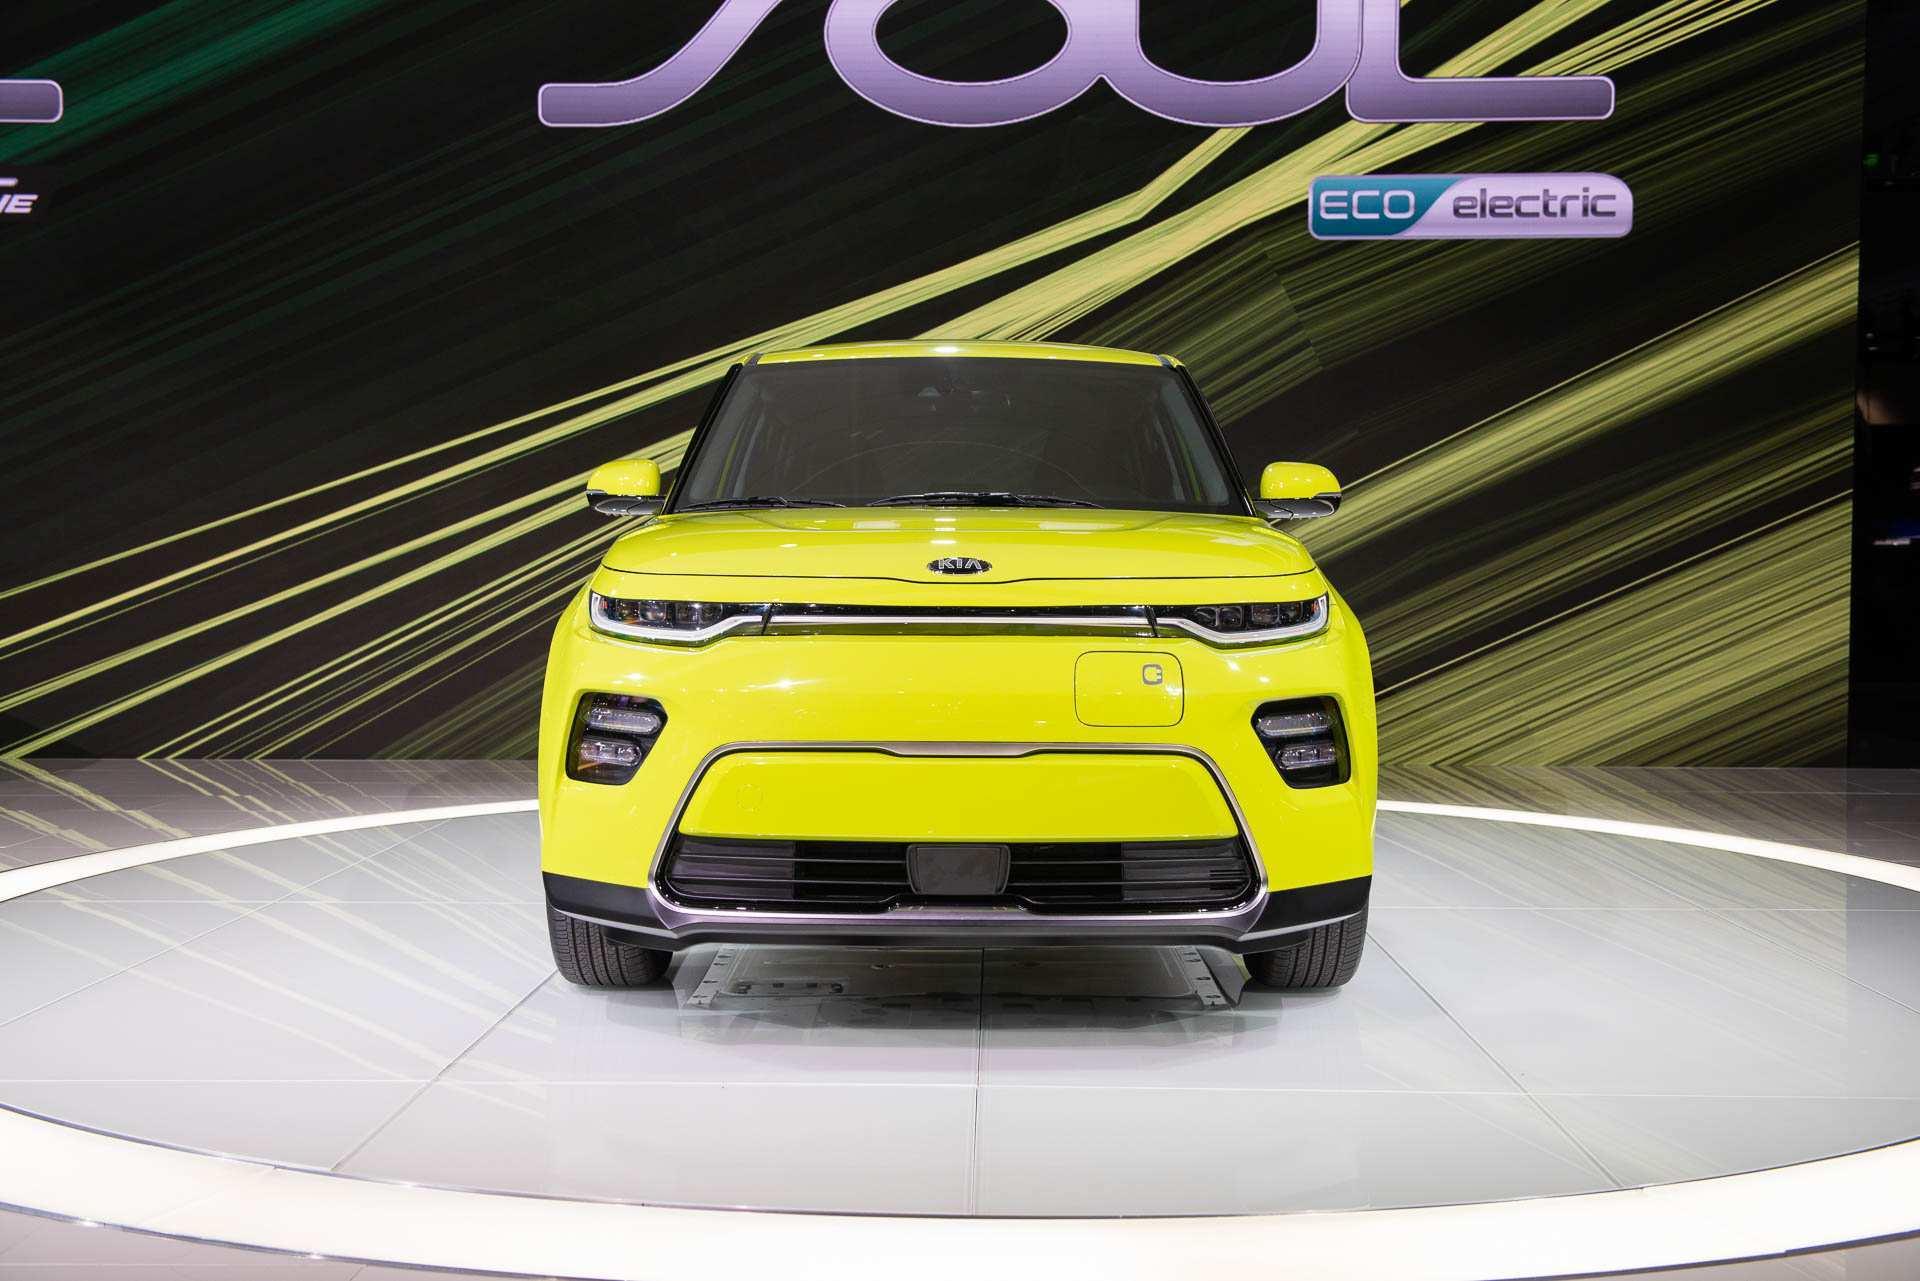 96 New Kia Electric 2020 History by Kia Electric 2020